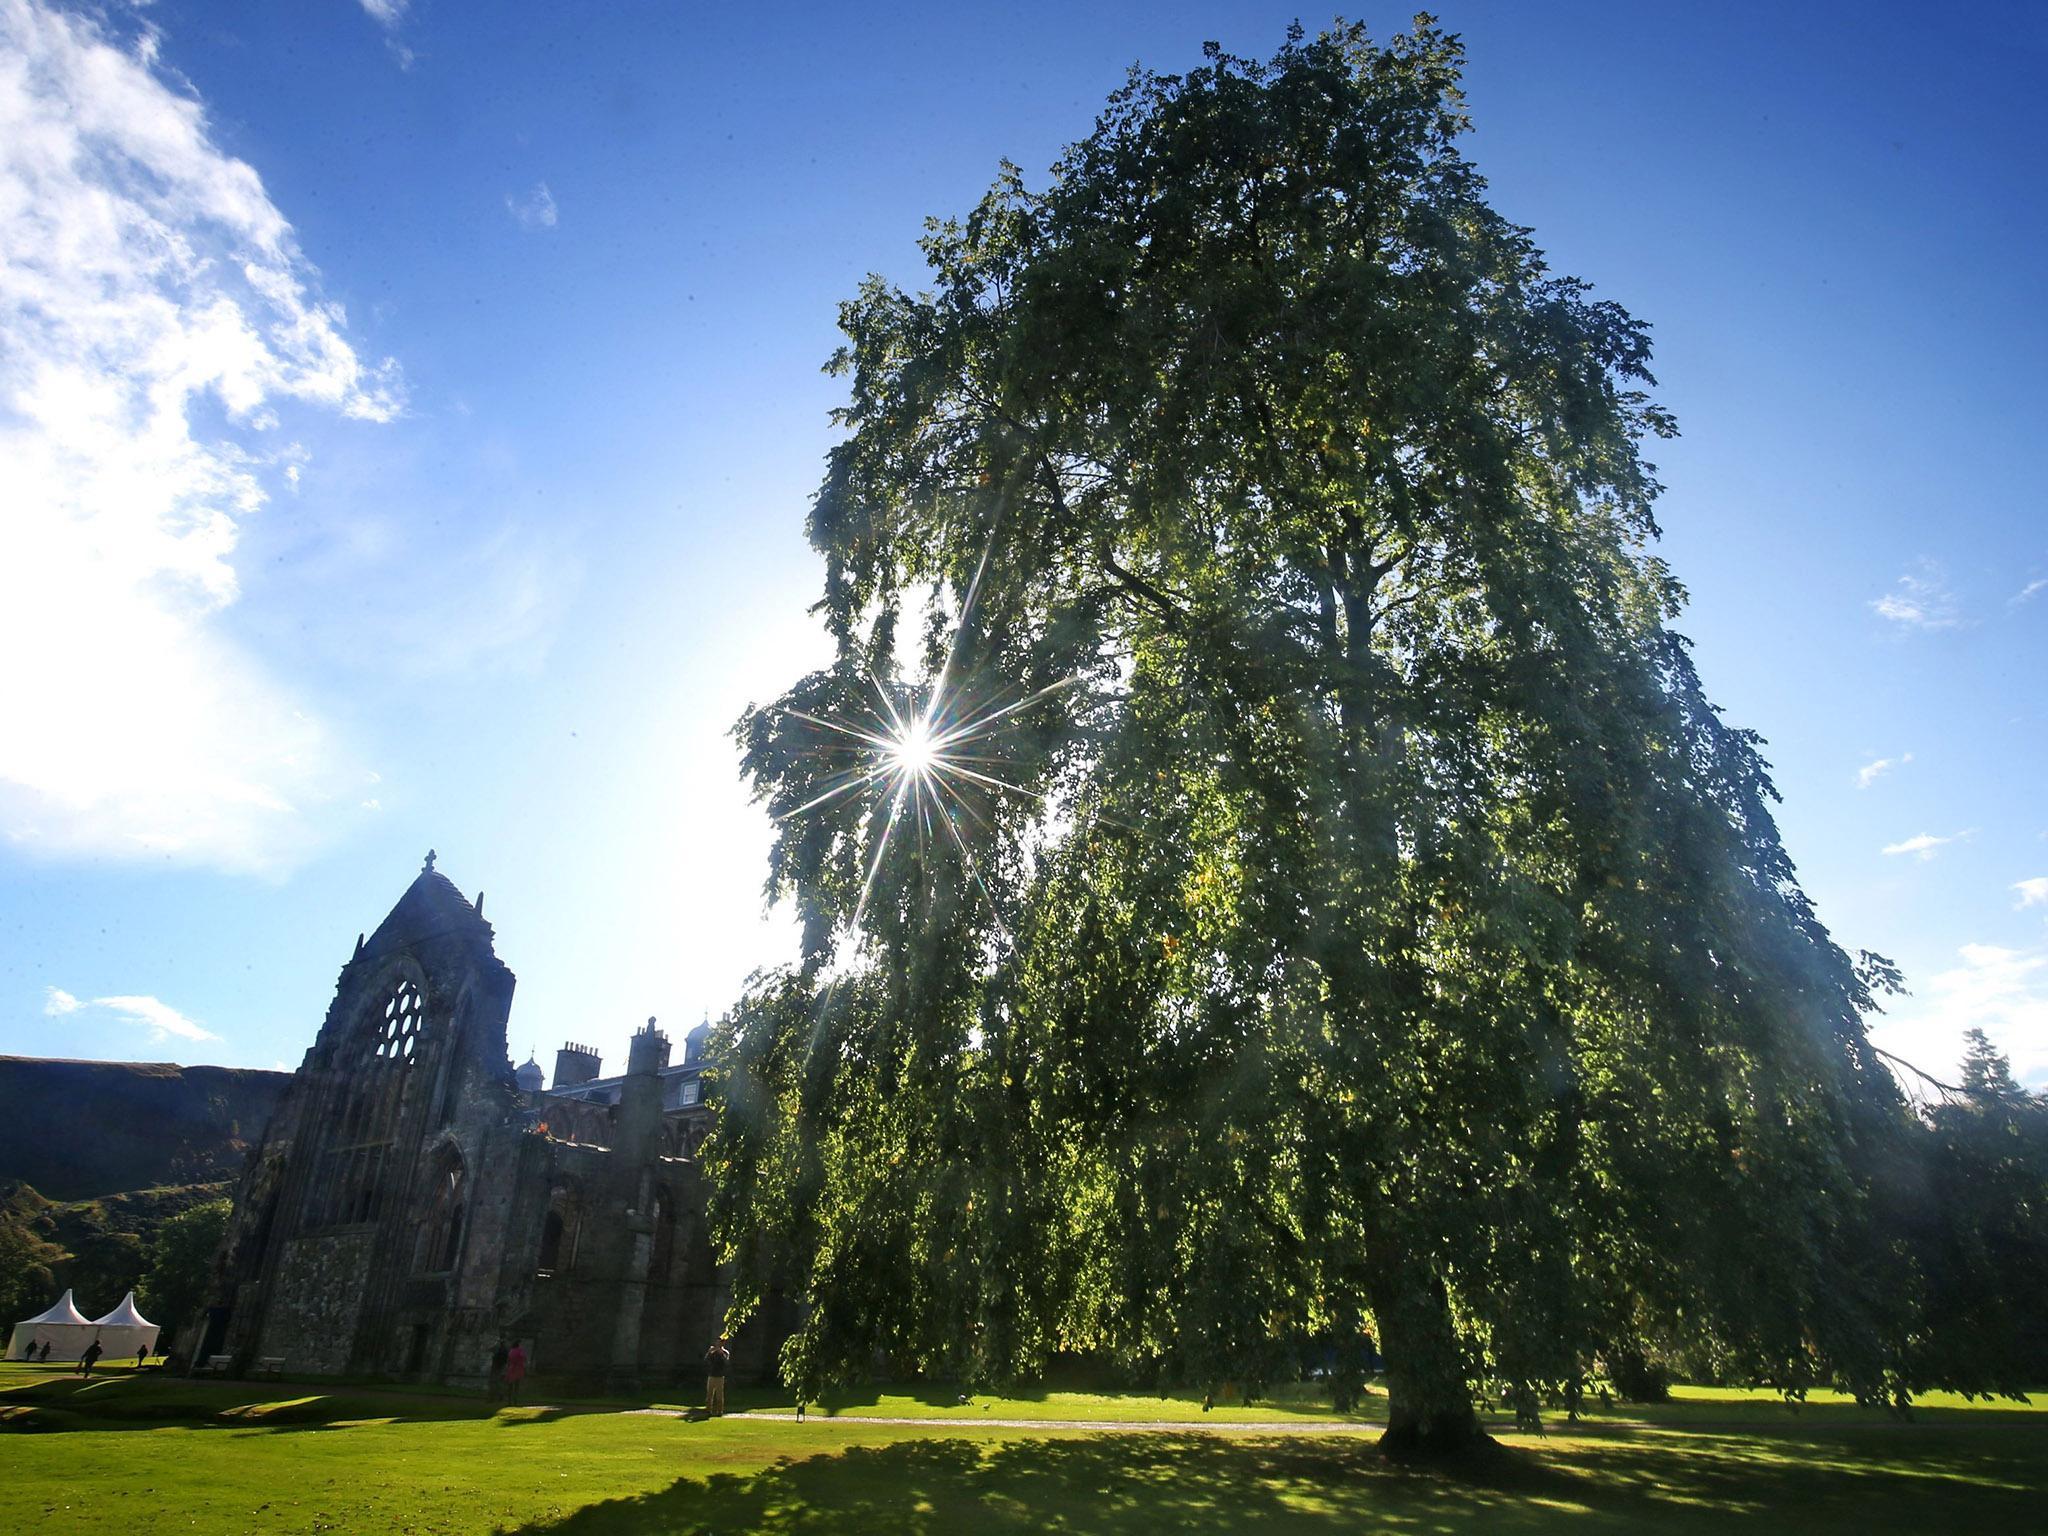 Extinct' species of tree found growing in Queen's garden | The ...